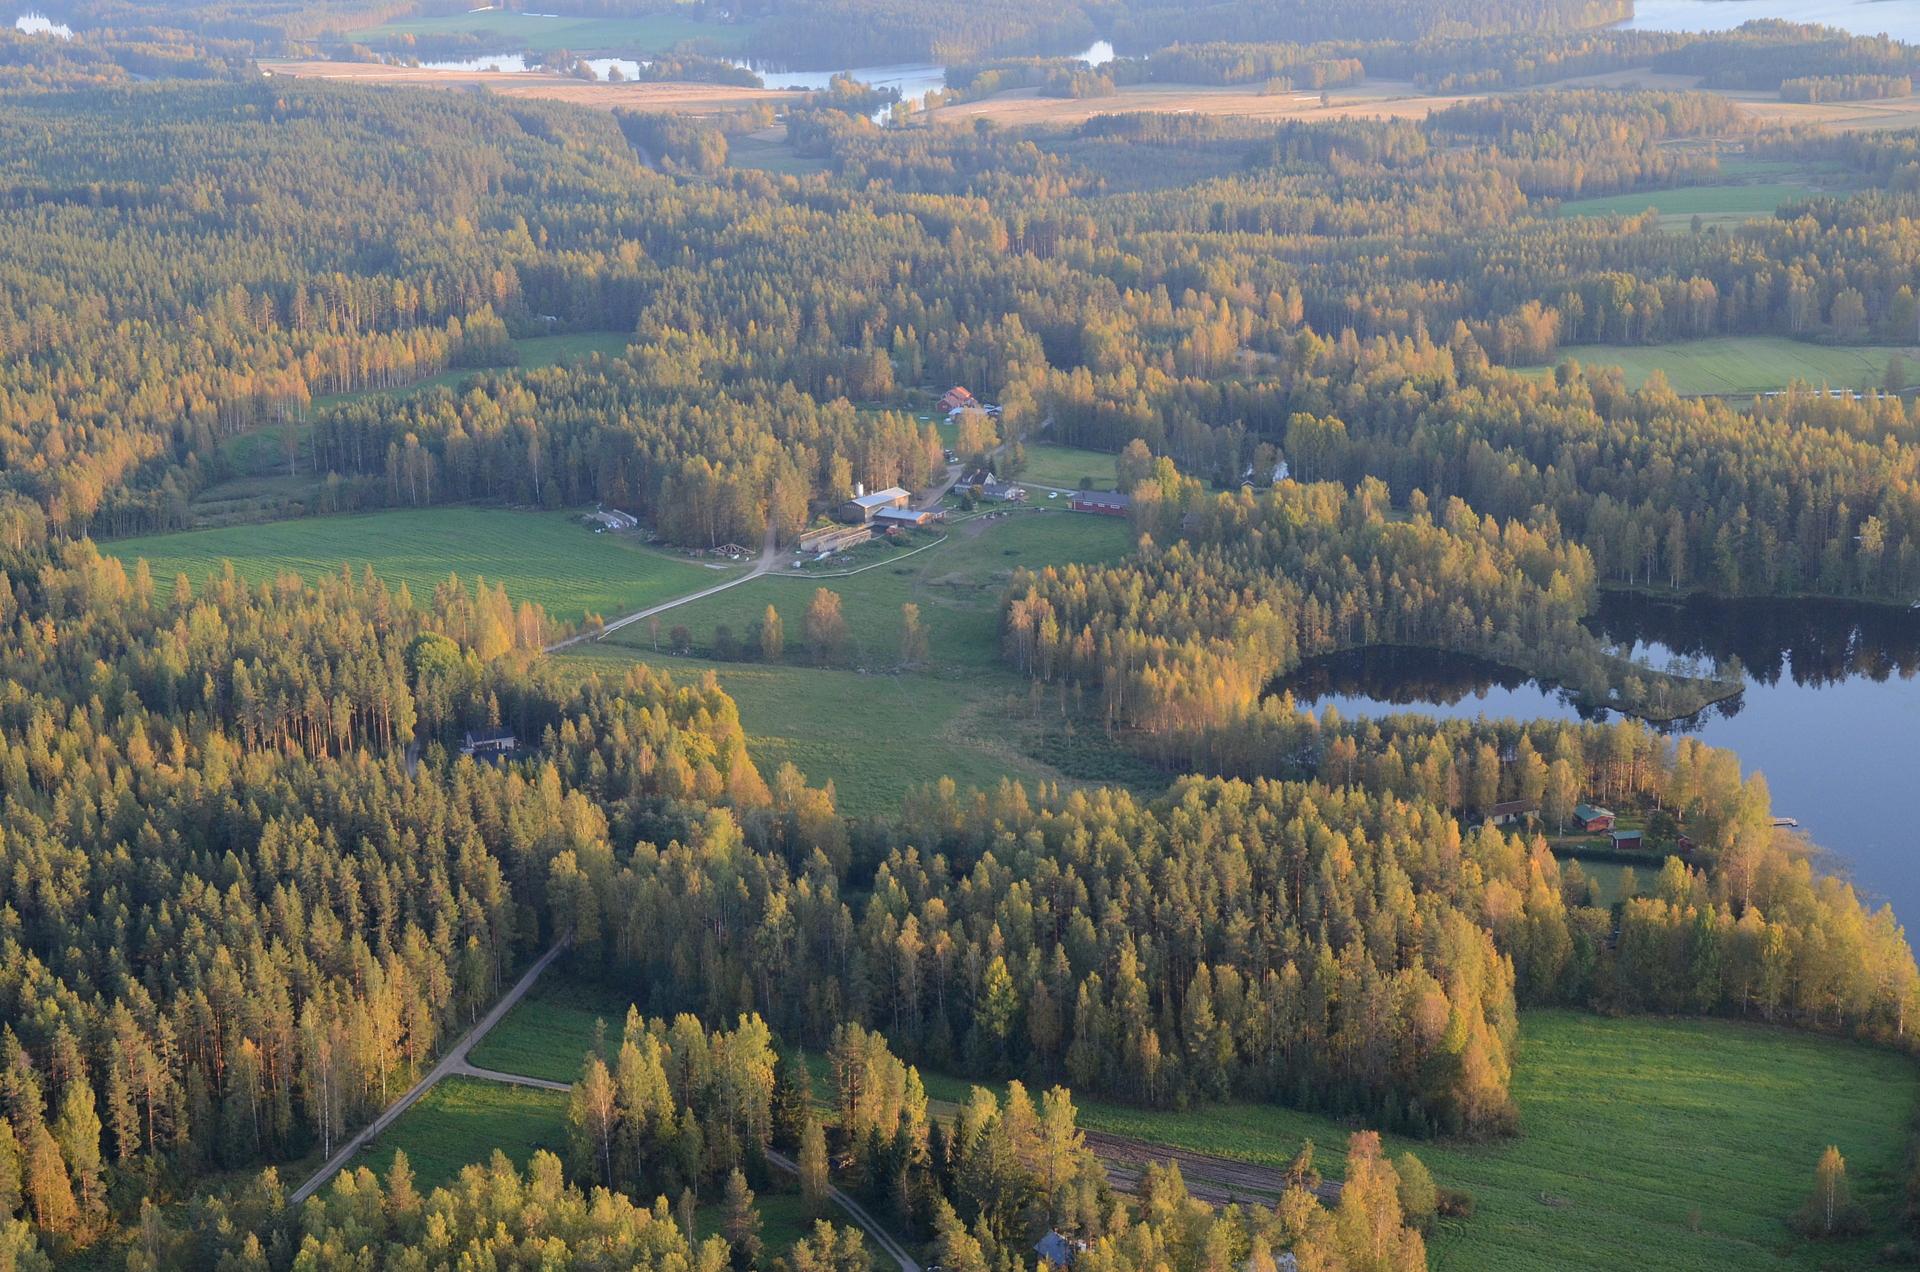 Ahvenlammen eteläpää oikealla, taustalla Kiimasjärvi.